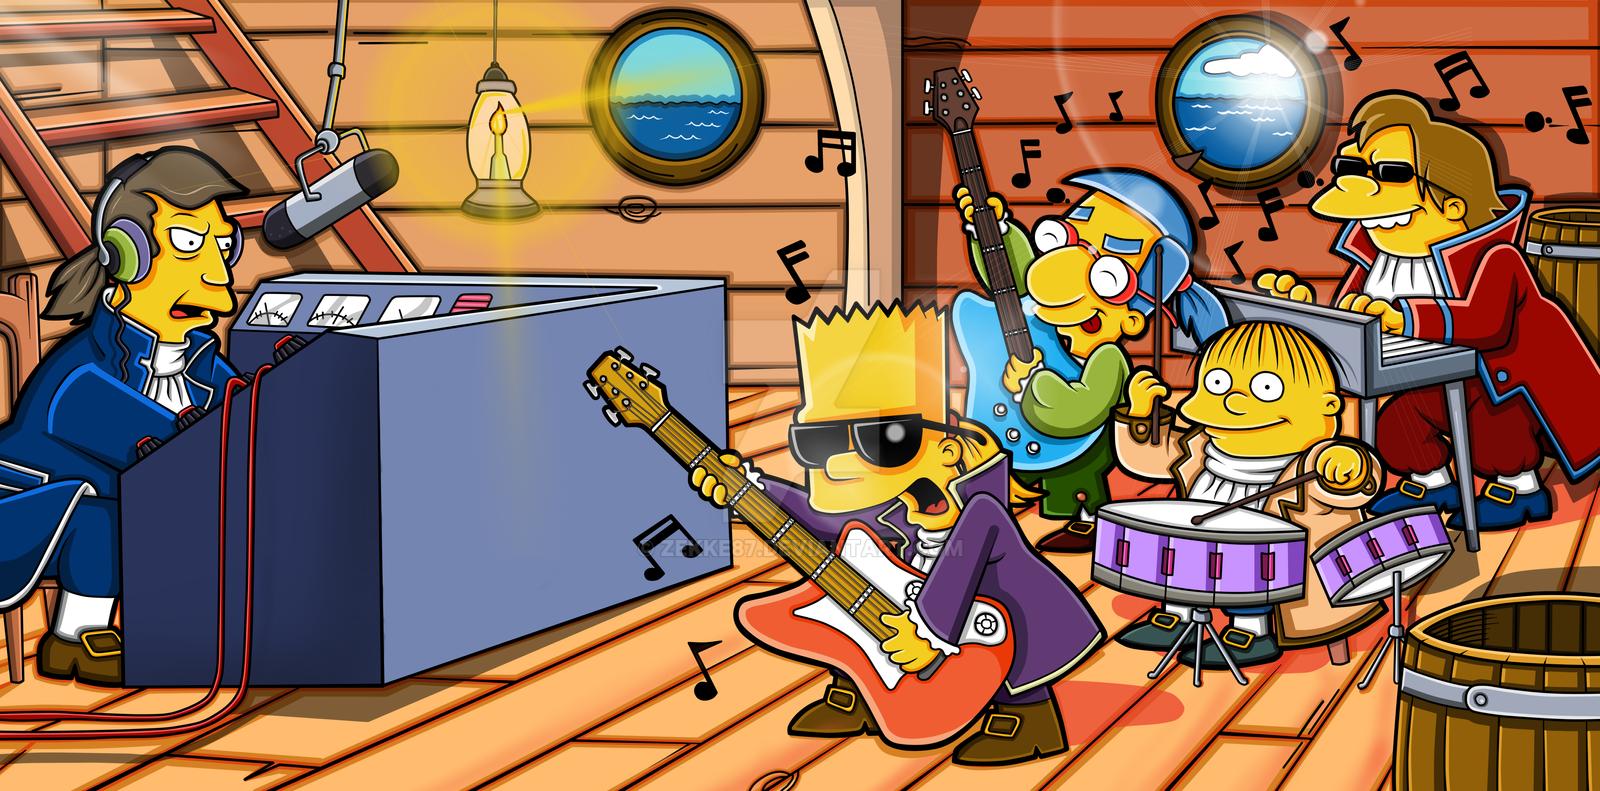 Simpsons by ZeKKe87